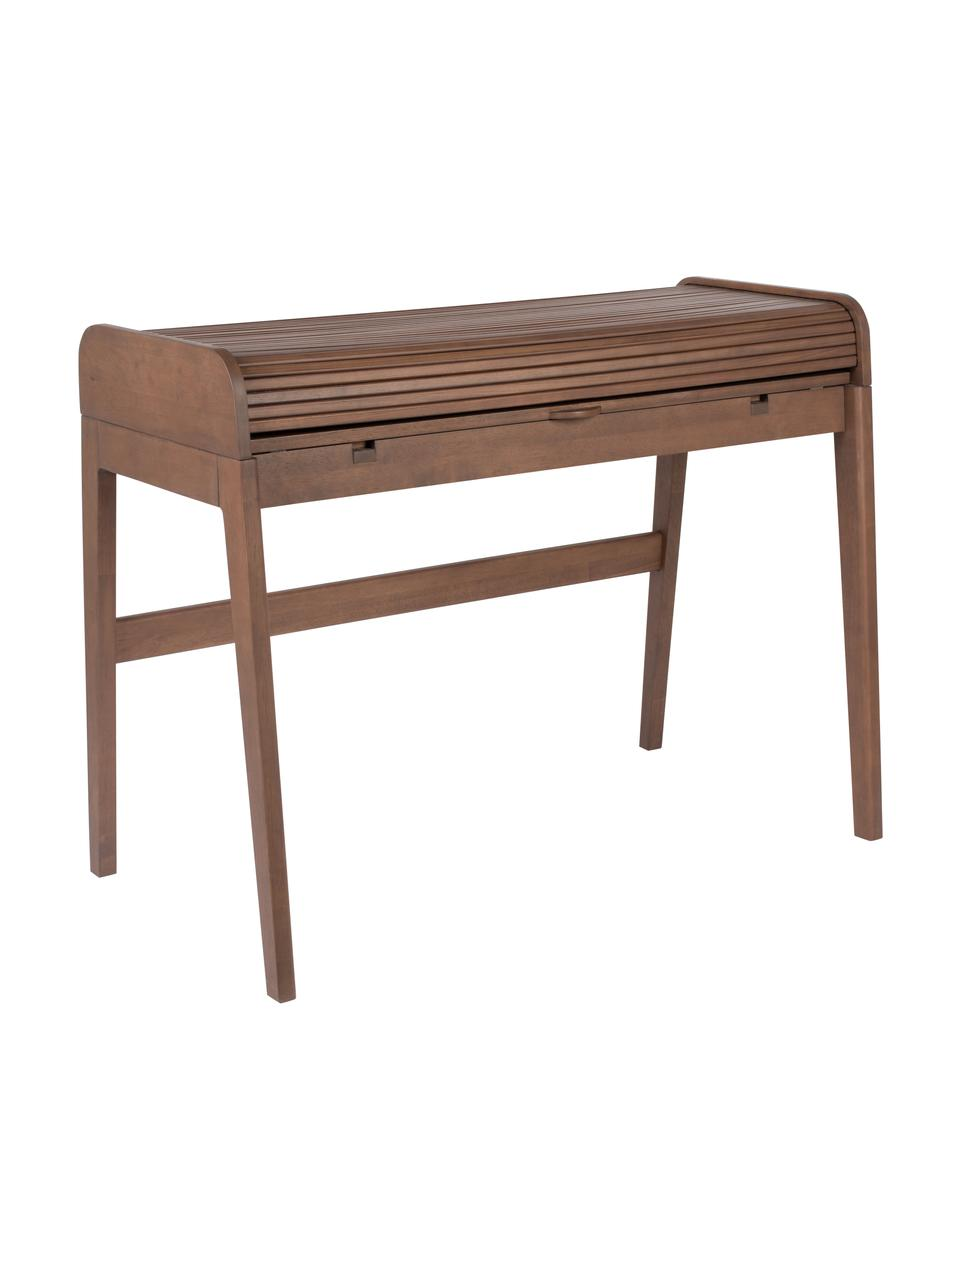 Biurko z drewna Barbier, Blat: płyta pilśniowa średniej , Drewno orzecha włoskiego, S 110 x W 85 cm